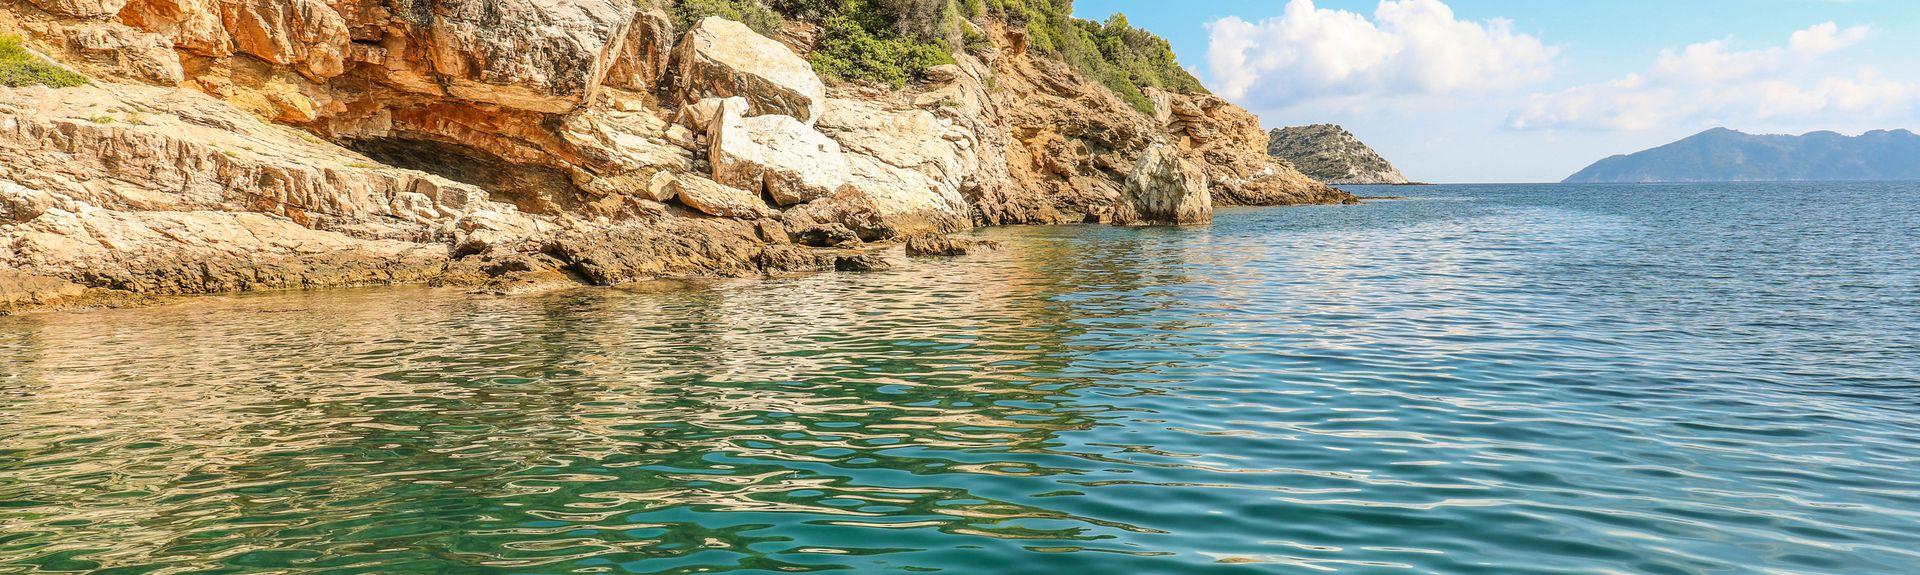 Μαγνησία, Θεσσαλία Στερεά Ελλάδα, Ελλάδα